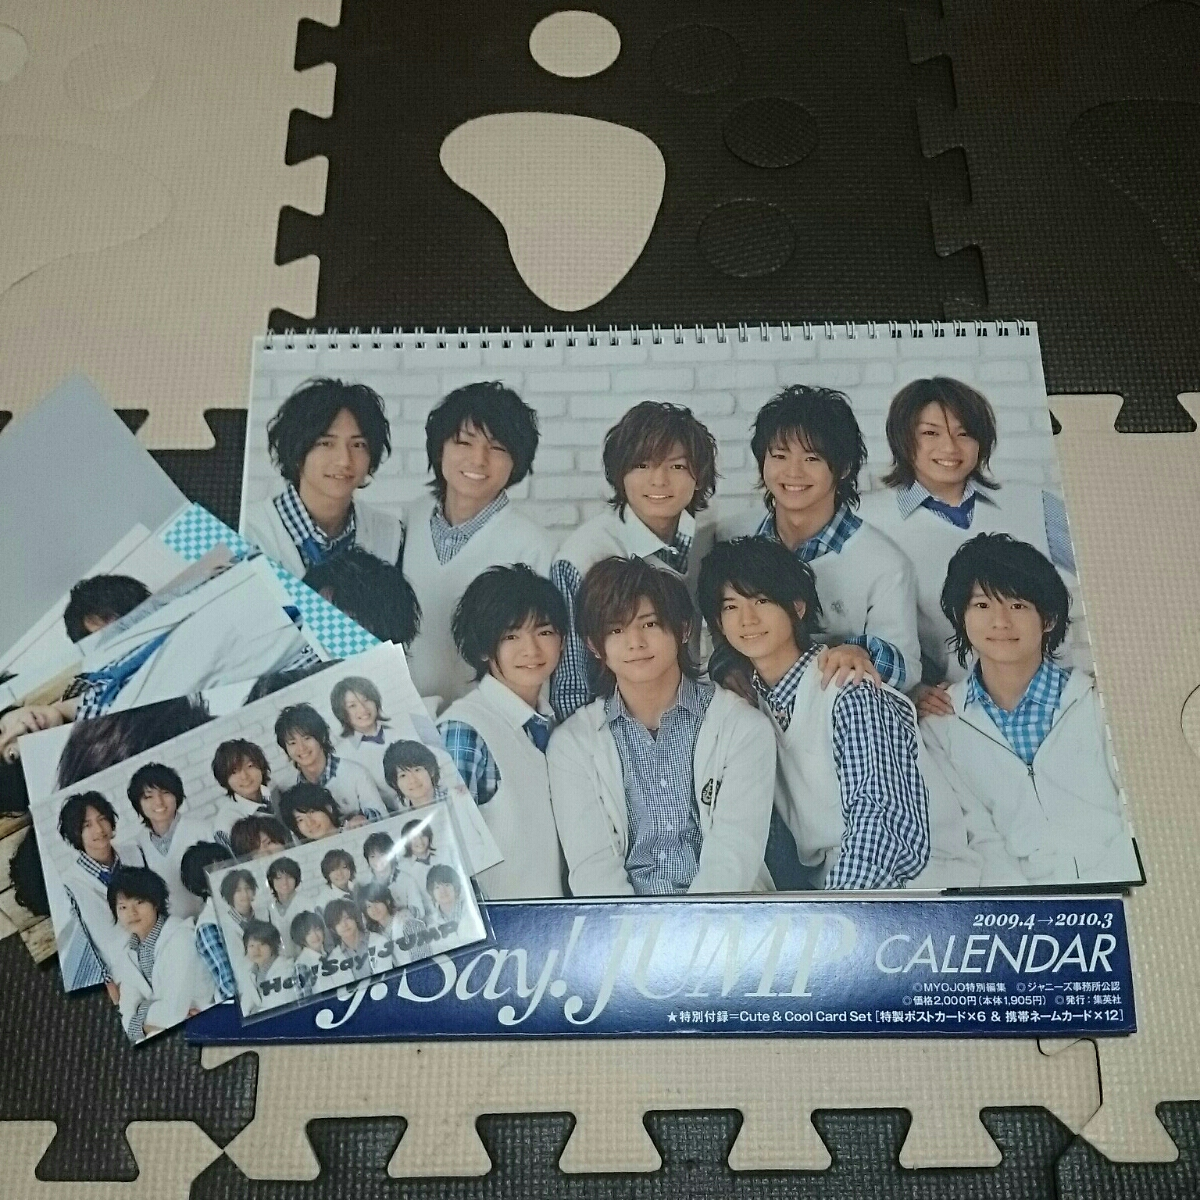 美品 Hey!Say!JUMP カレンダー ポストカード カード コンサートグッズの画像